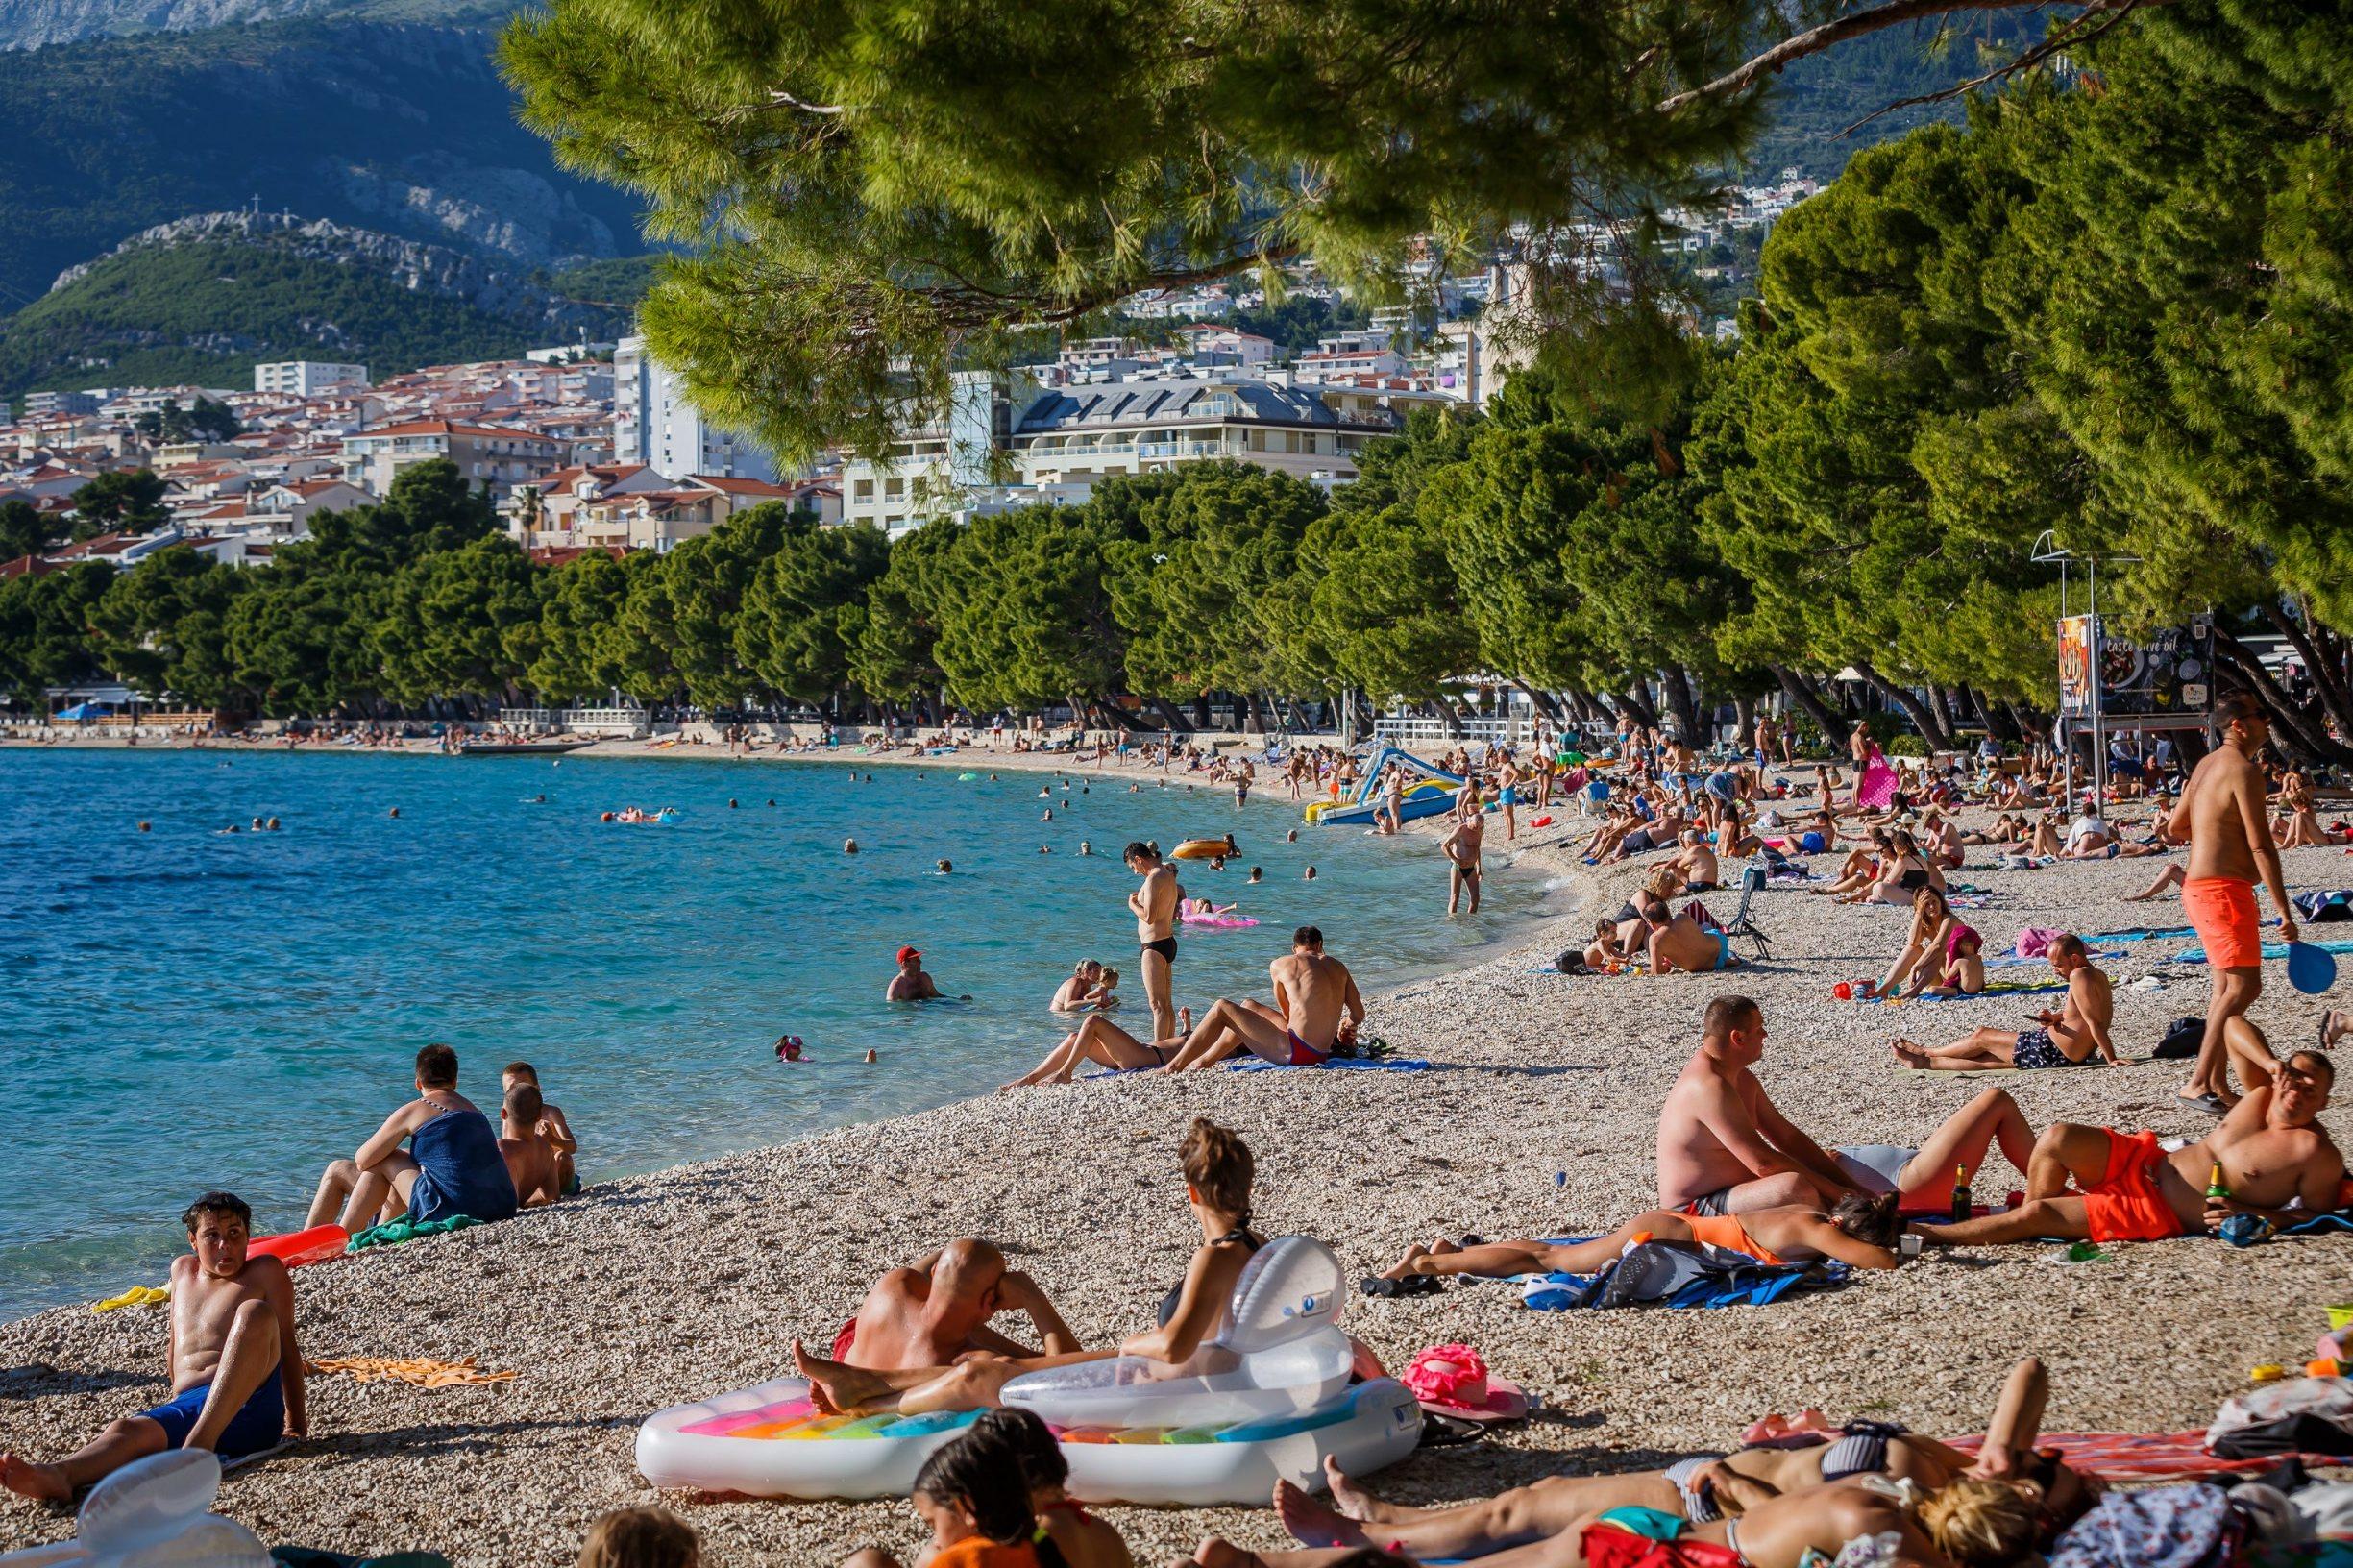 Makarska, 260620.  Koronavirus smanjio je broj stranih turista ali ne i domacih. Makarske plaze u popodnevnim satima bile su popunjene kupacima kojih je sve vise s dolaskom toplijeg vremena. Foto: Zvonimir Barisin / CROPIX